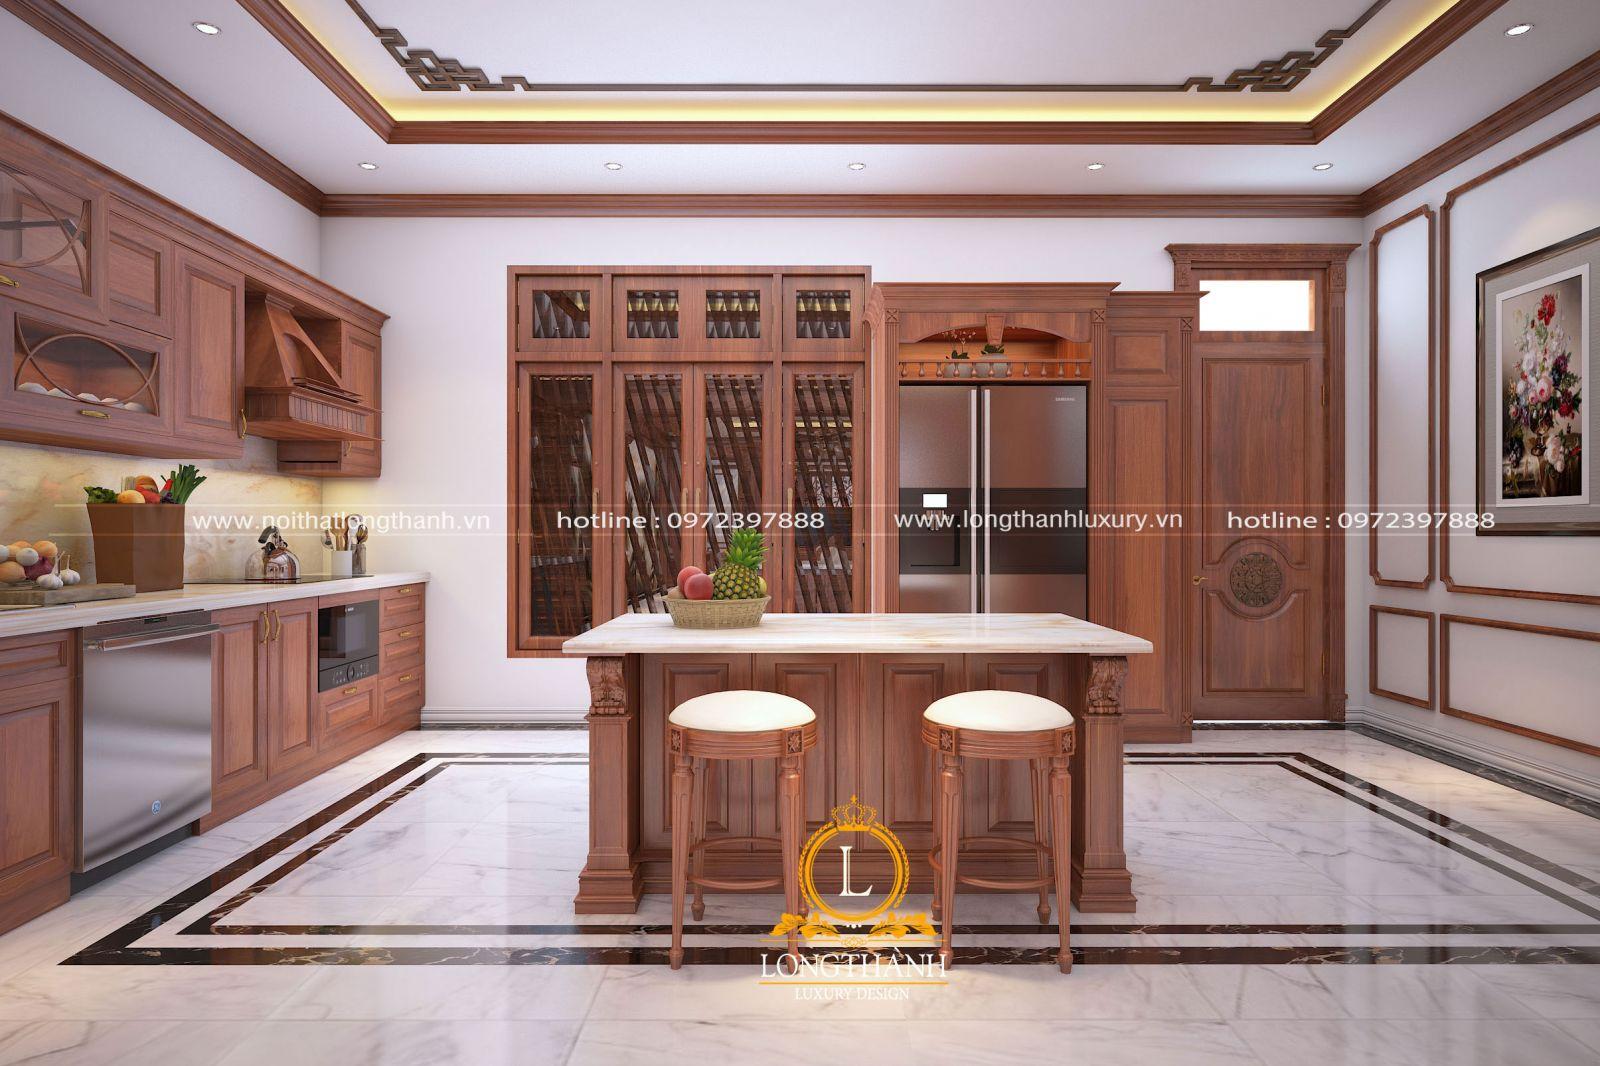 Bàn đảo bếp đẹp được thiết kế nhẹ nhàng mà sang trọng cho nhà bếp